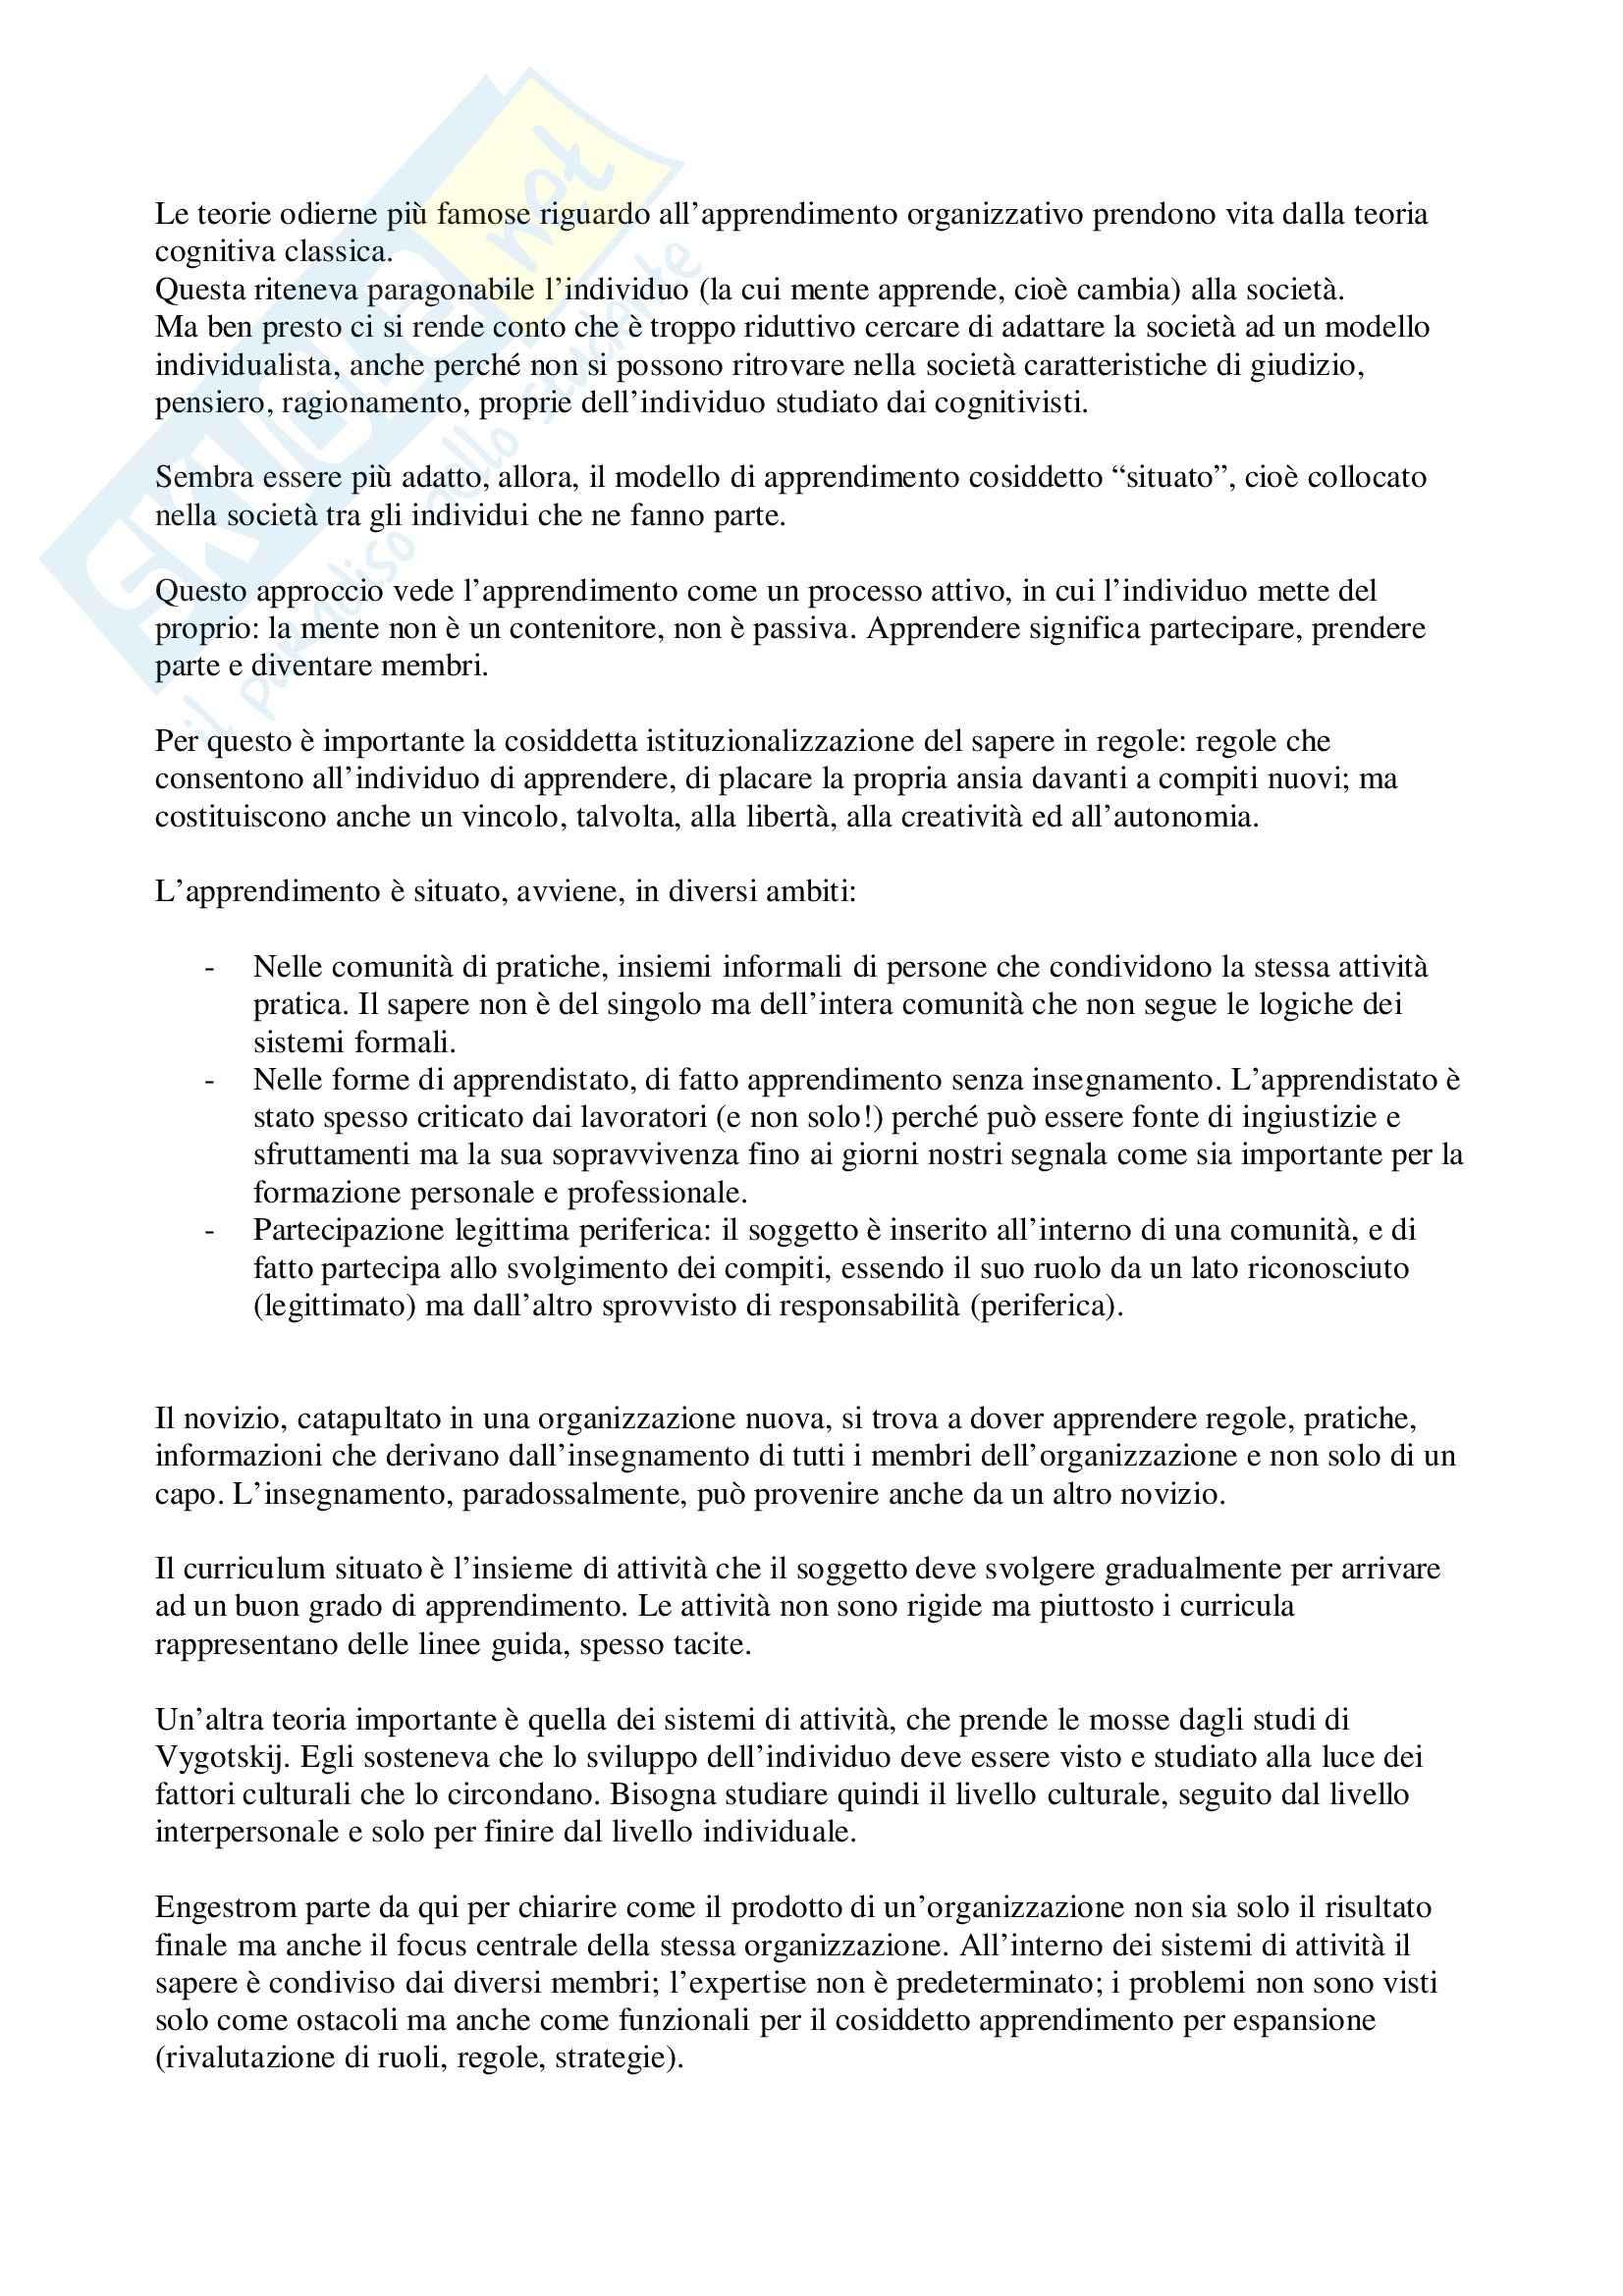 Sociologia delle organizzazioni – Apprendimento